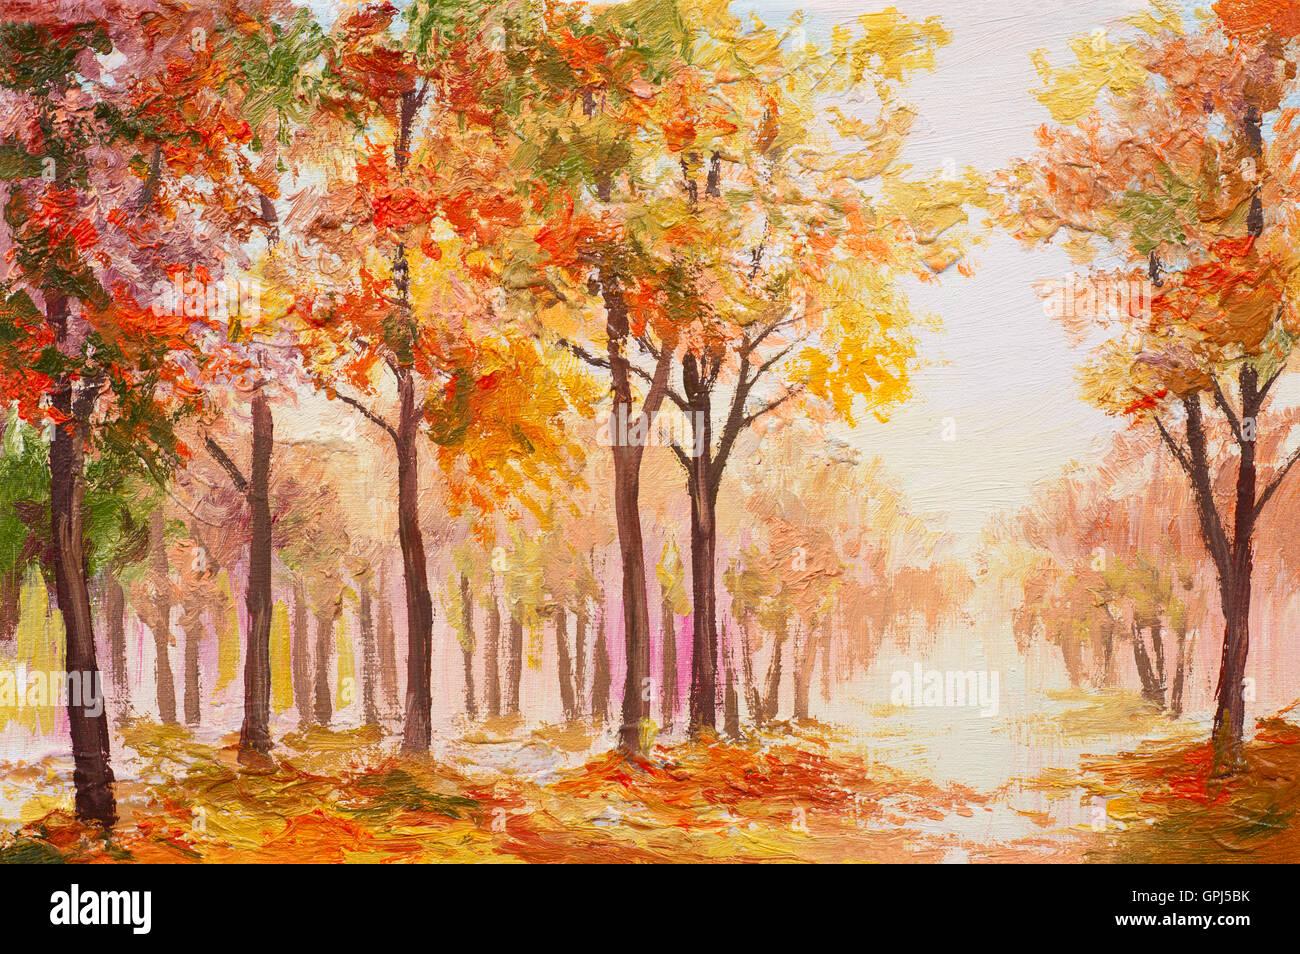 Peinture à l'huile paysage - forêt d'automne Photo Stock